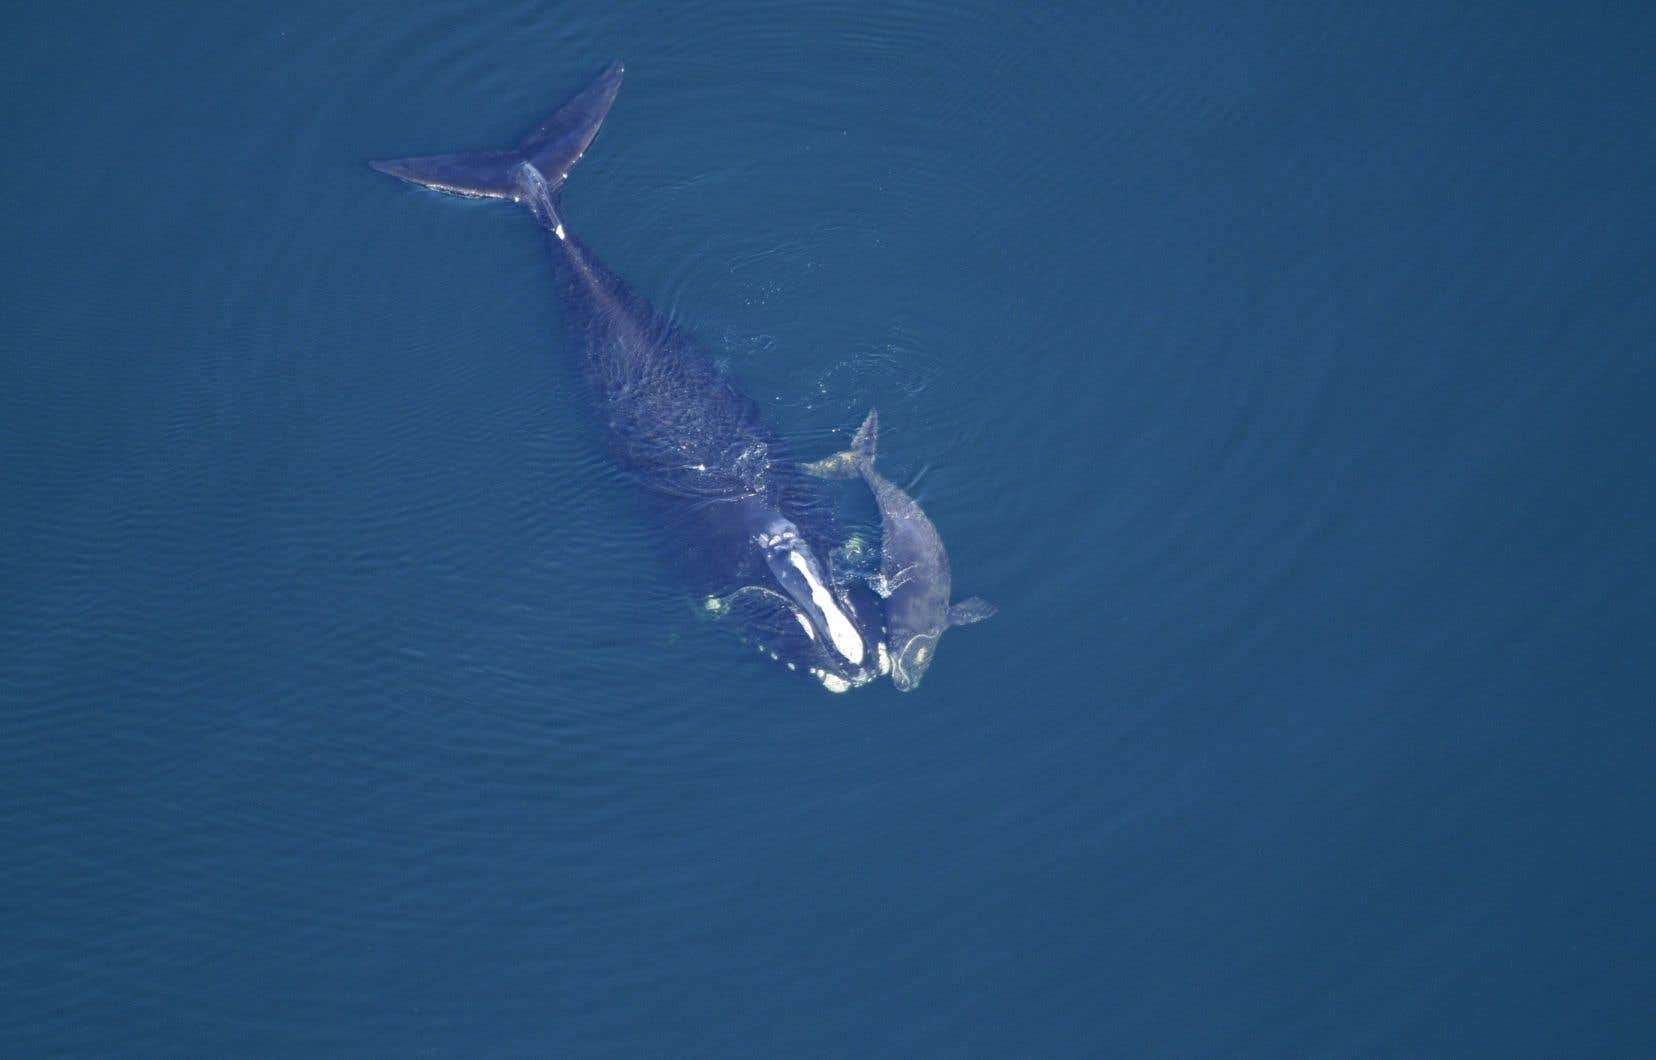 L'opération permettra d'en apprendre beaucoup sur les mammifères marins dans le golfe du Saint-Laurent.